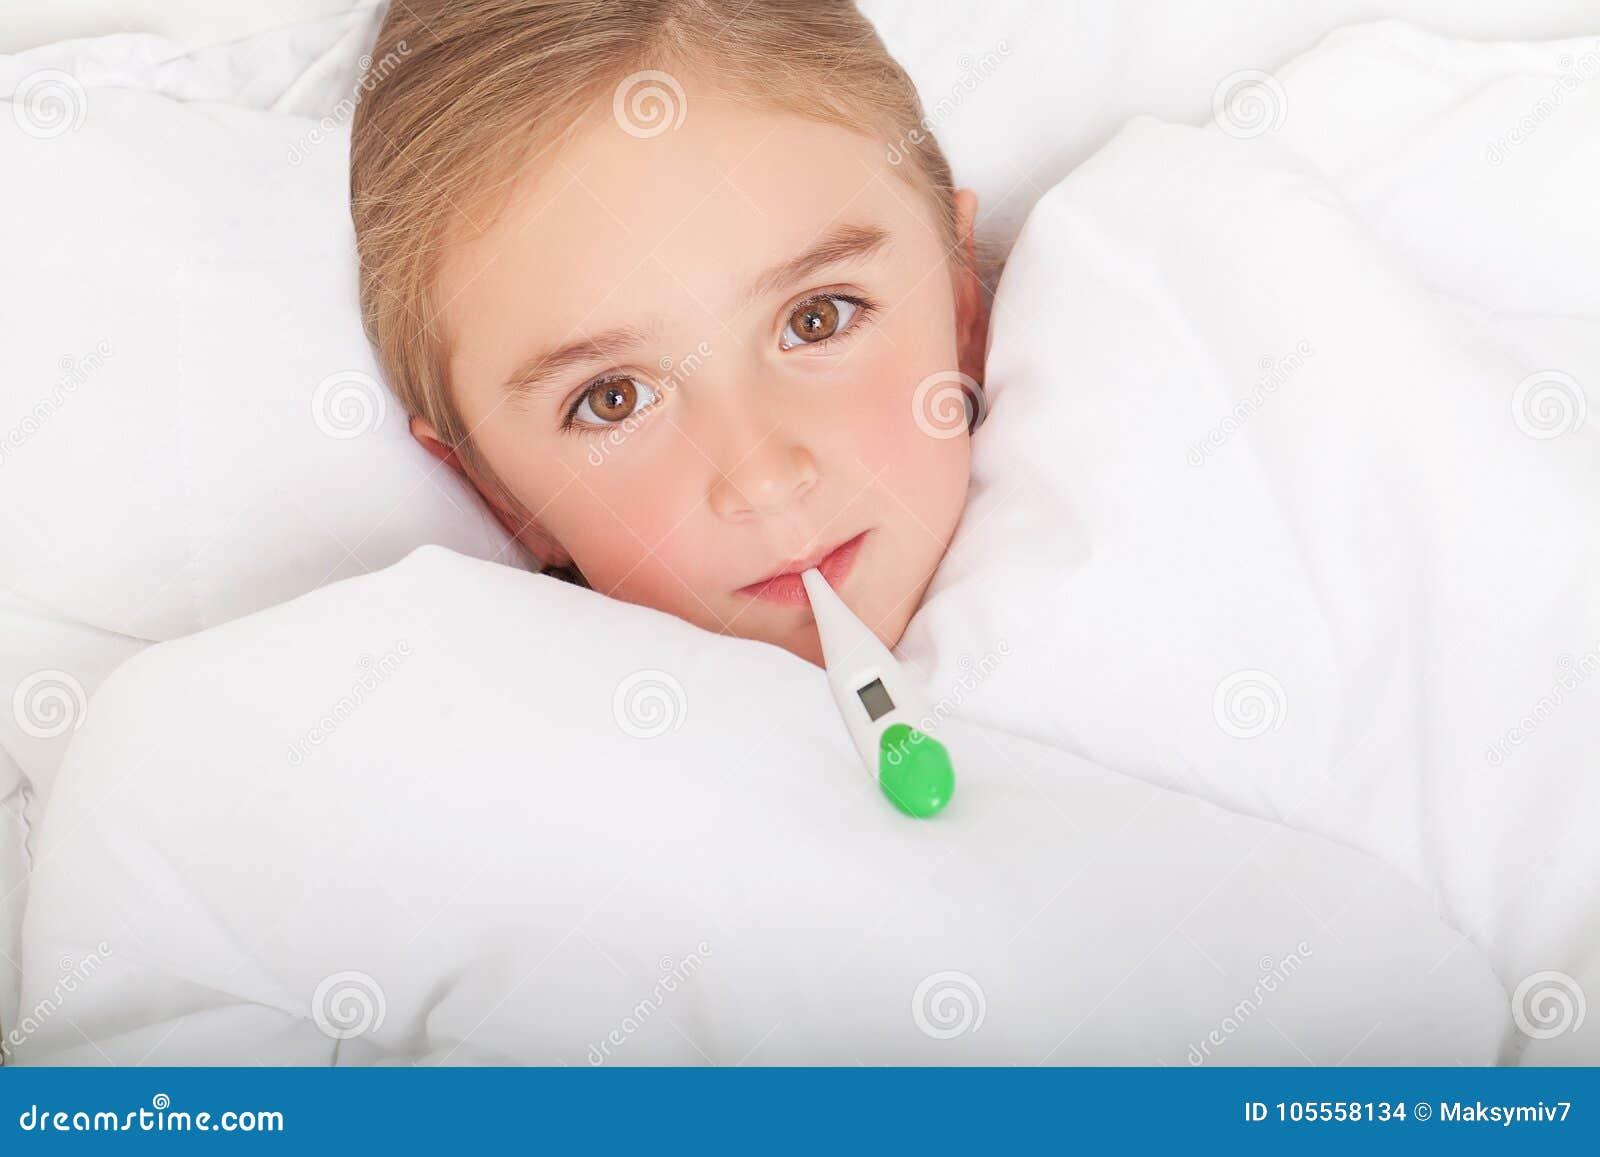 Febre, frio e gripe - medicinas e chá quente em próximo, menina doente mim